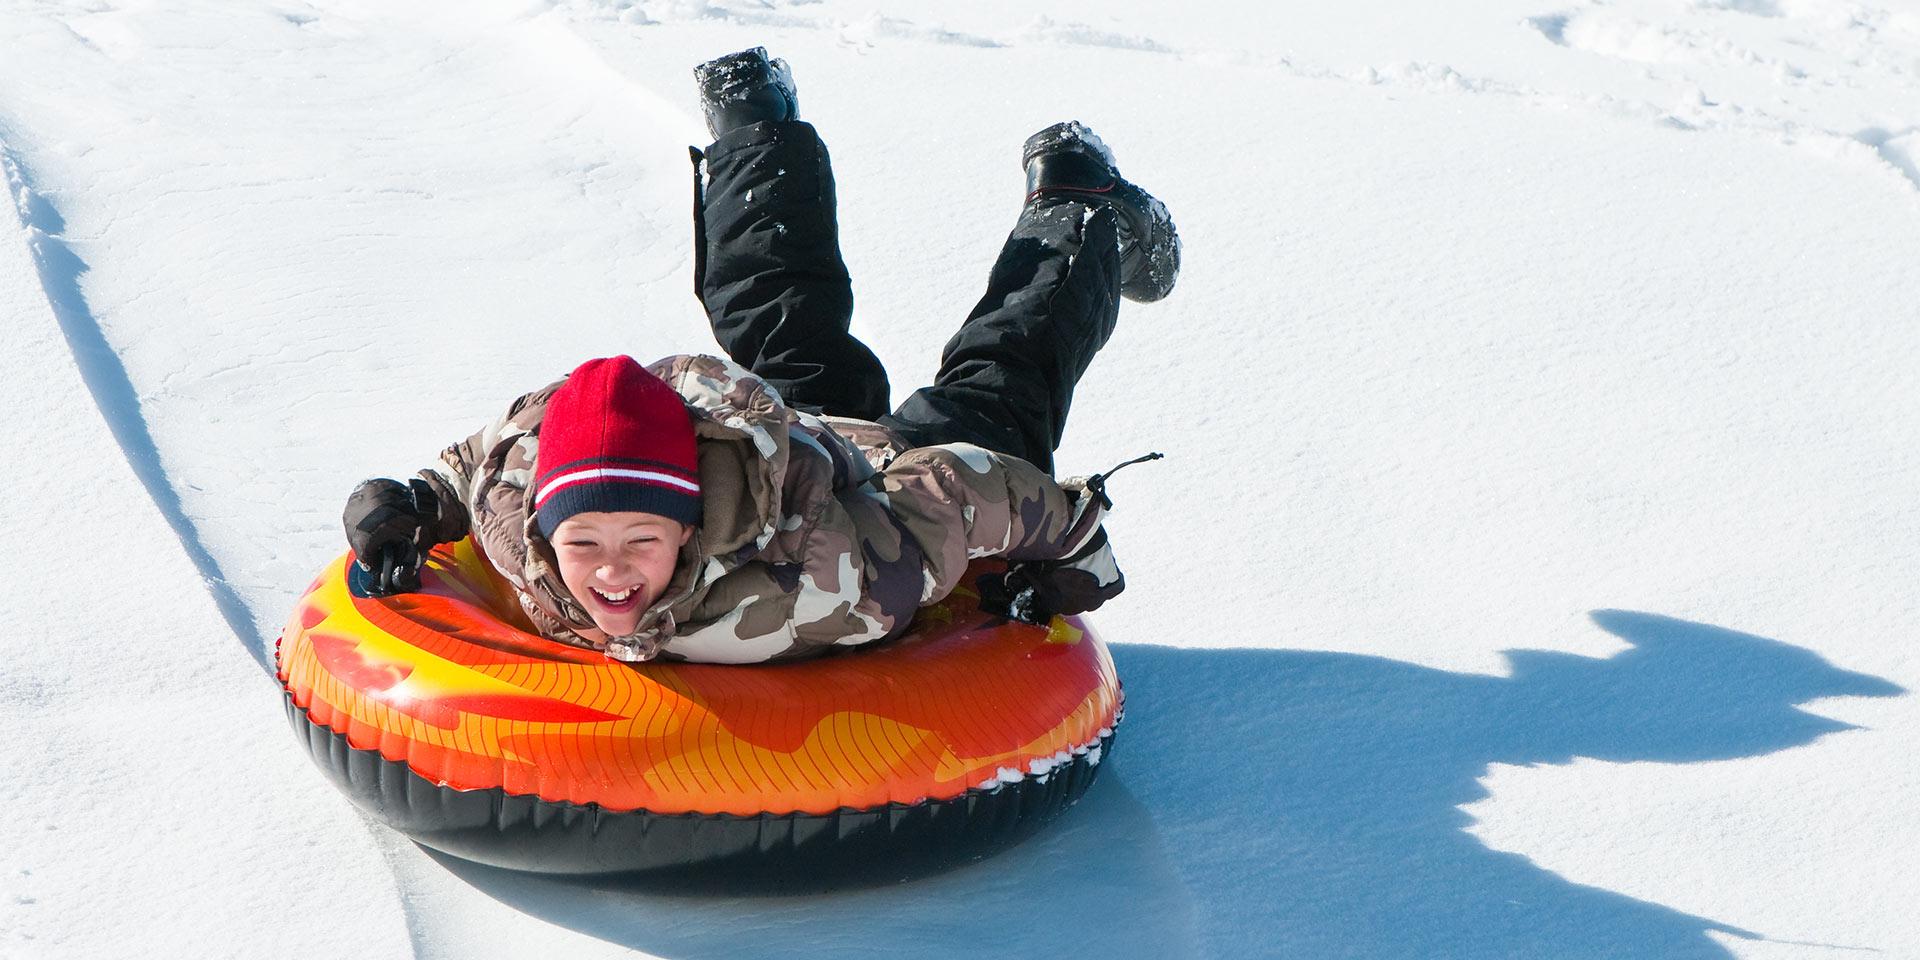 boy in snow tube